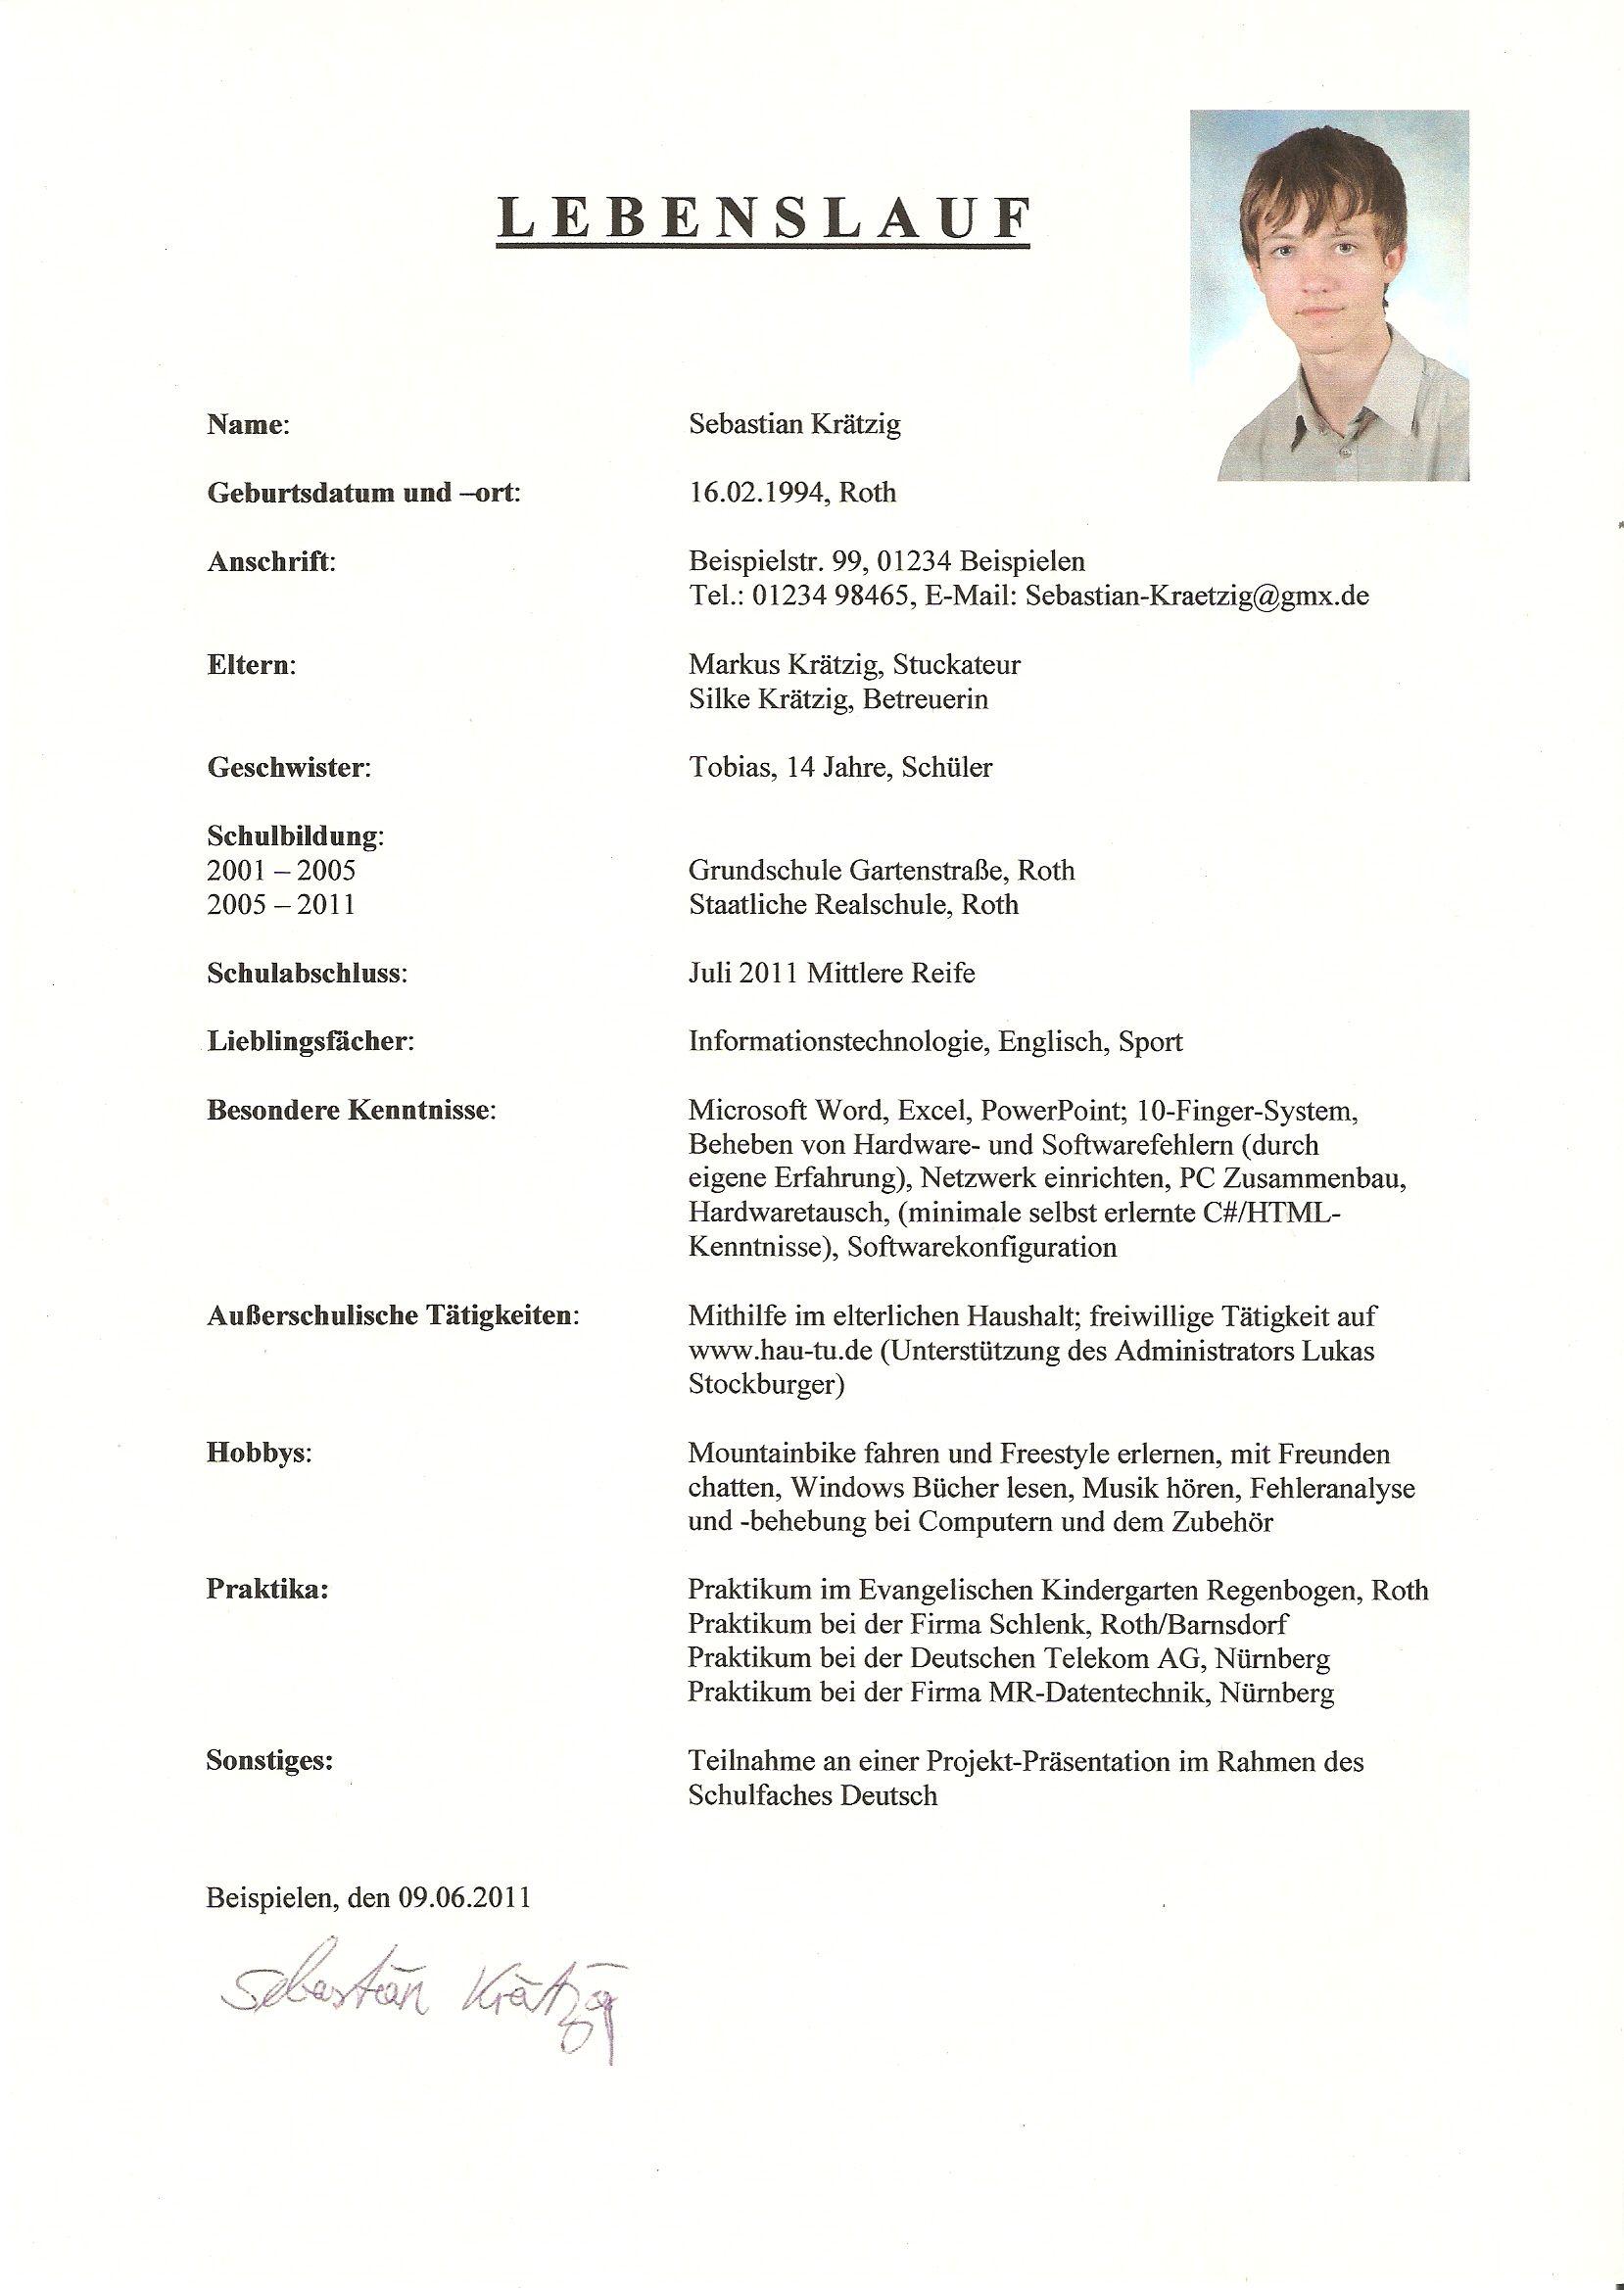 Curriculum Vitae Englisch Klasse 9 Modelo De Curriculum Vitae Vorlagen Lebenslauf Lebenslauf Lebenslauf Muster